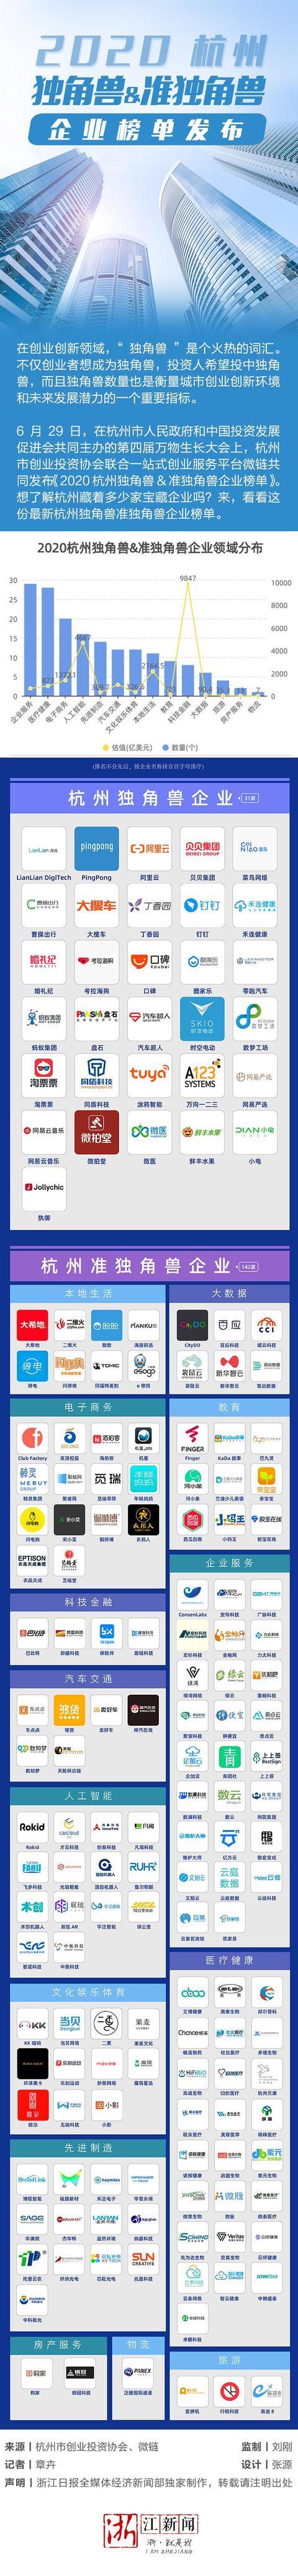 杭州人工智能公司(杭州比较好的ai公司)